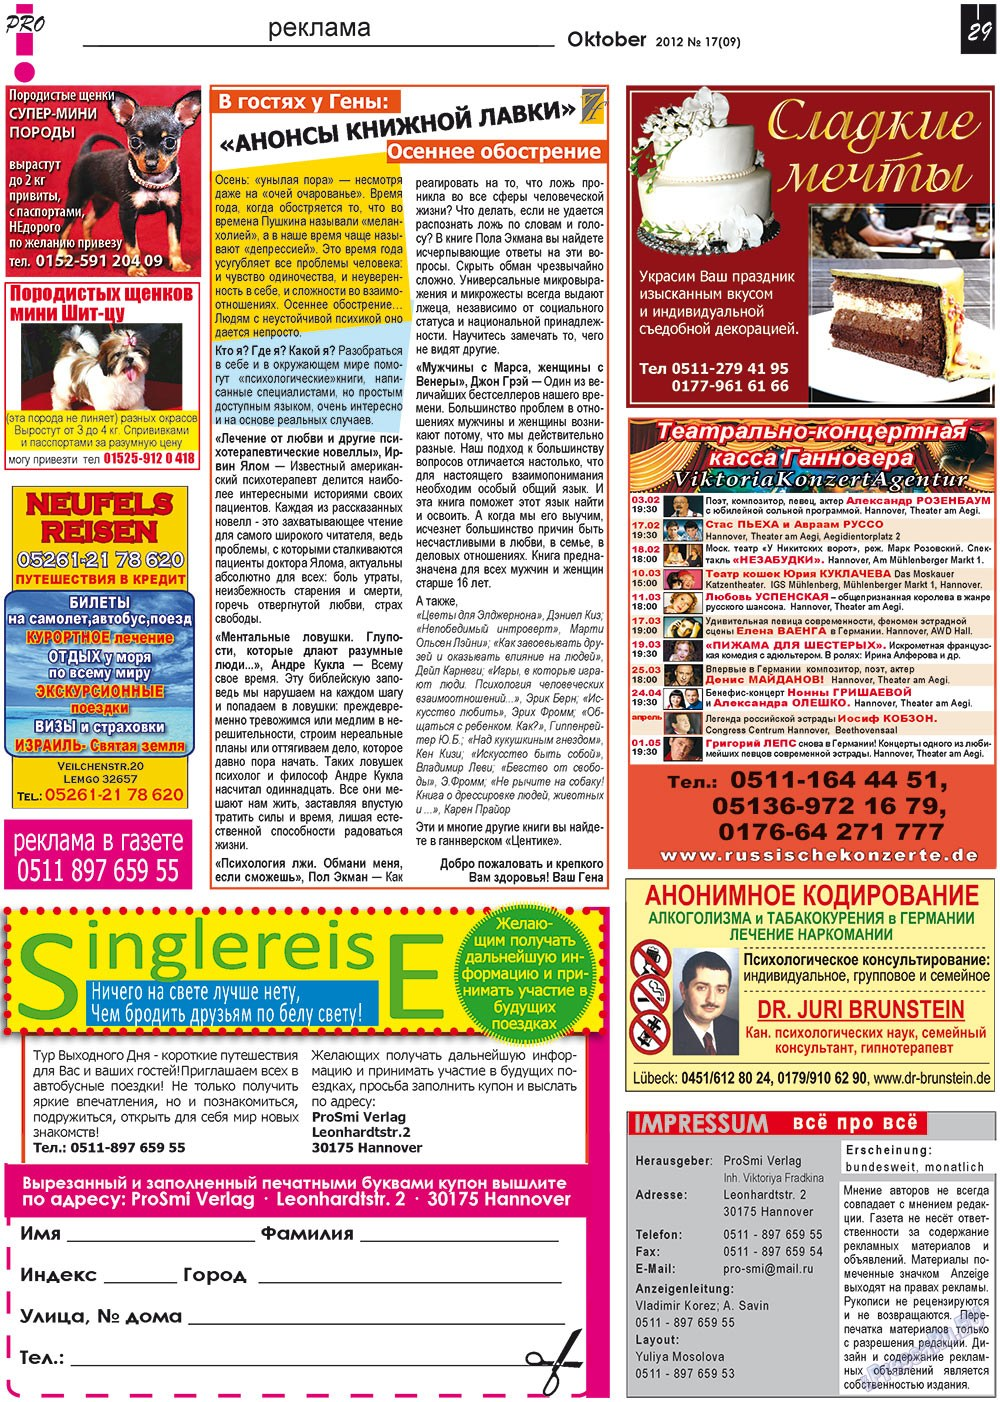 Все pro все (газета). 2012 год, номер 17, стр. 29